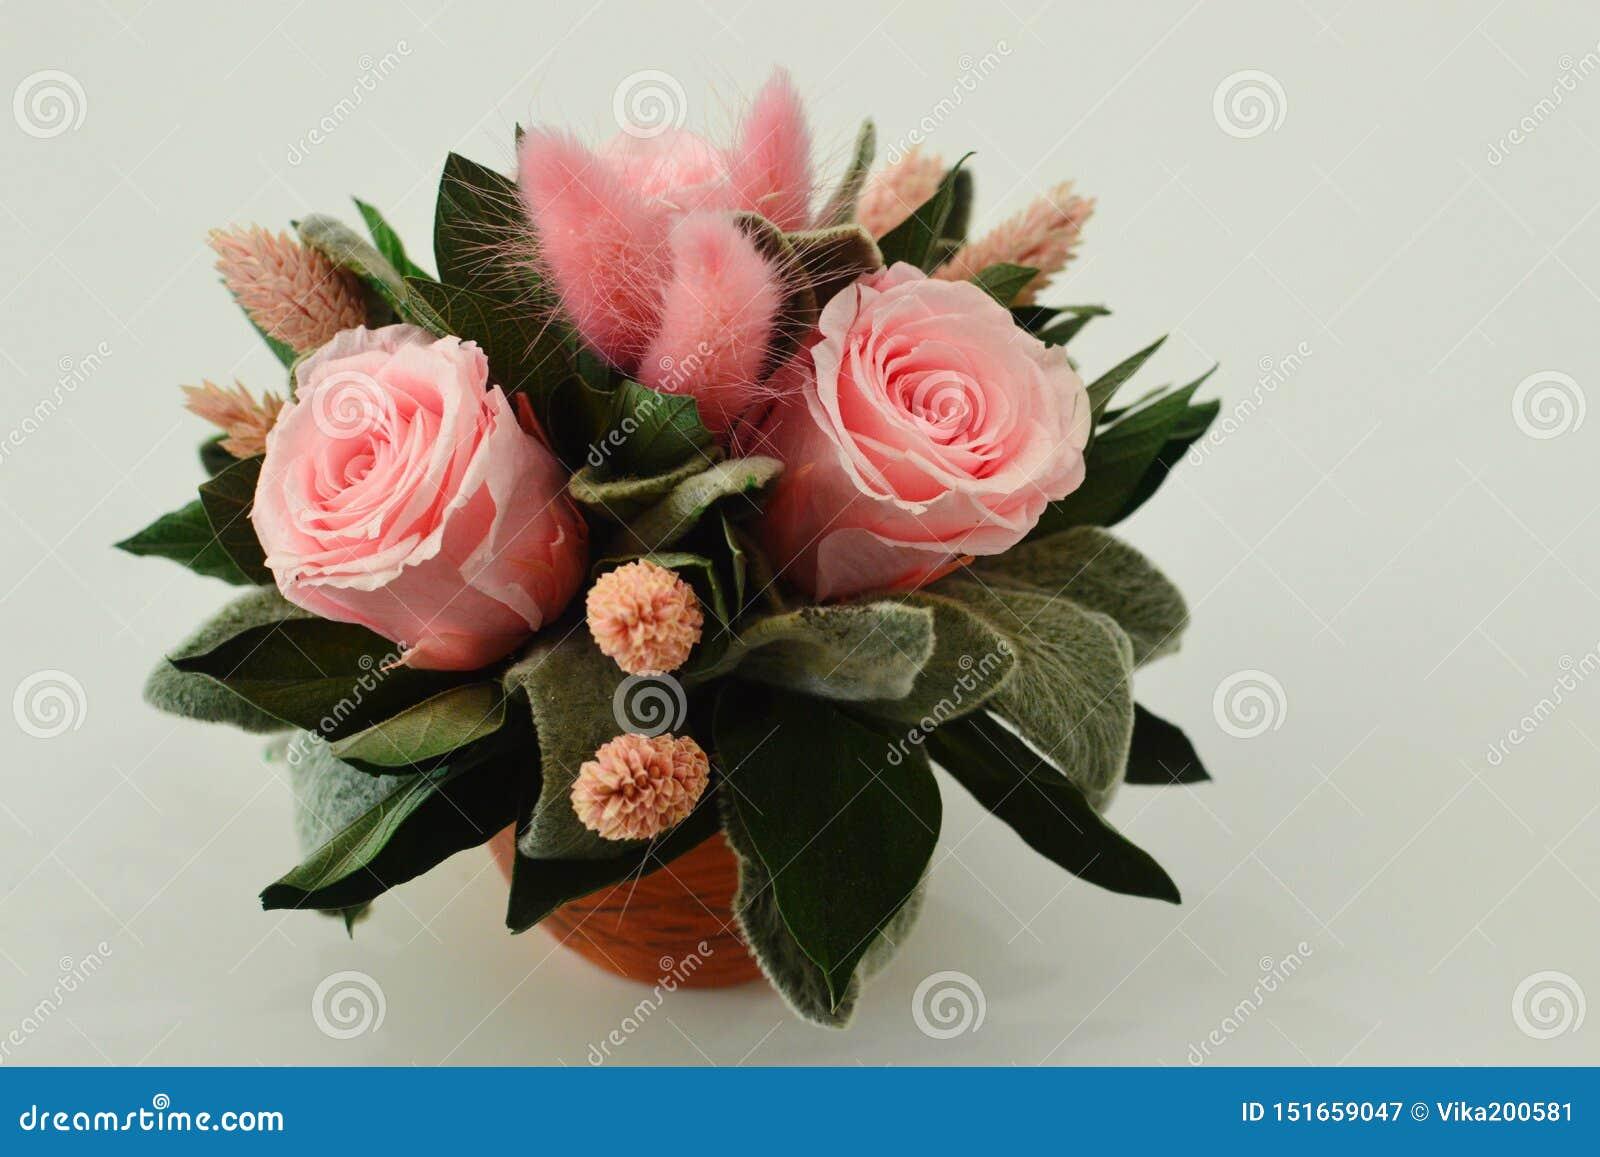 Ξηρά λουλούδια για ένα εσωτερικό ντεκόρ